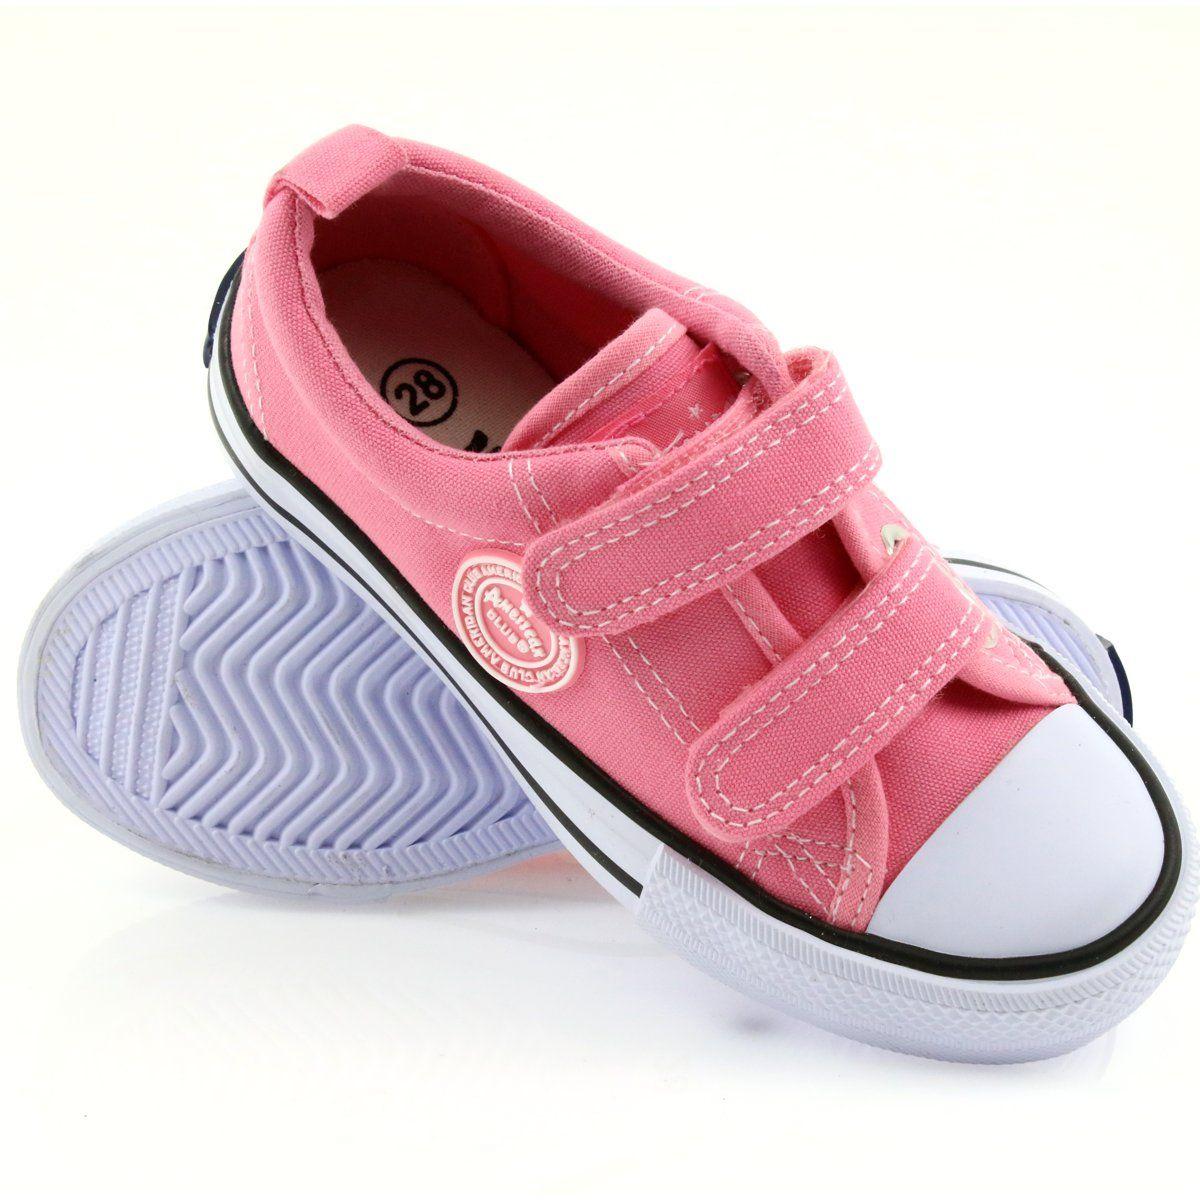 American Trampki Rozowe American Club Lh50 Biale Pink Sneakers Kid Shoes Childrens Sneakers